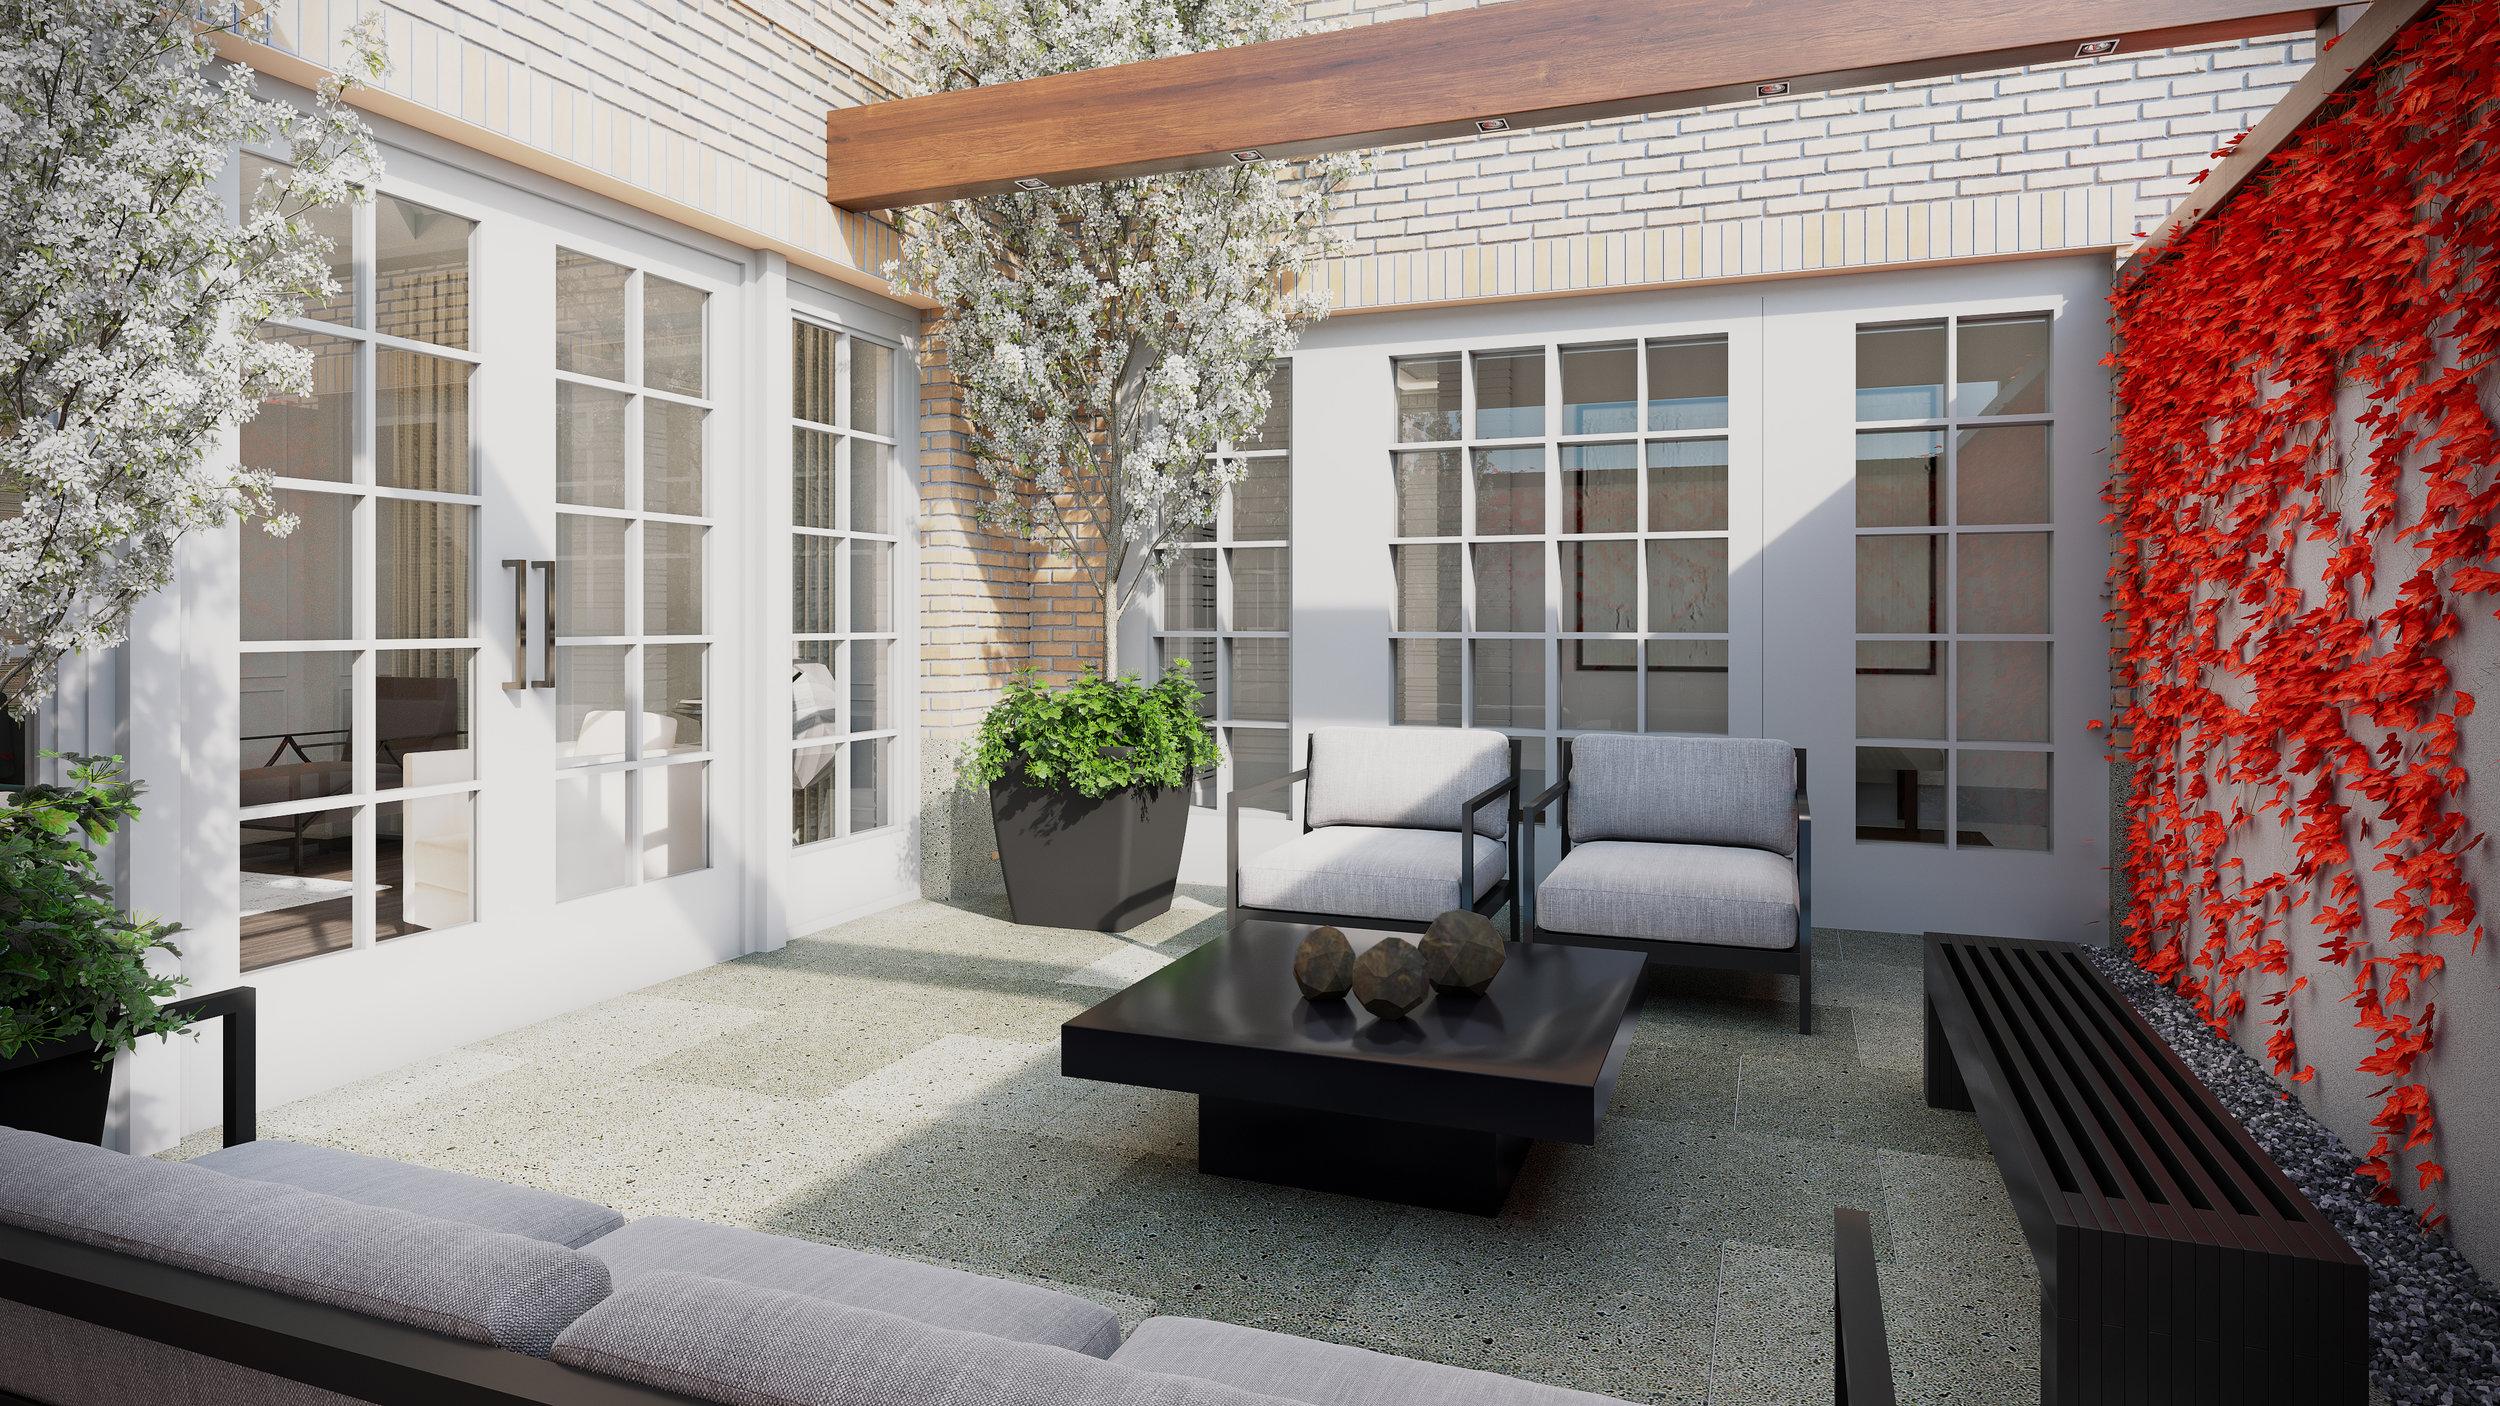 Courtyard-190117.jpg